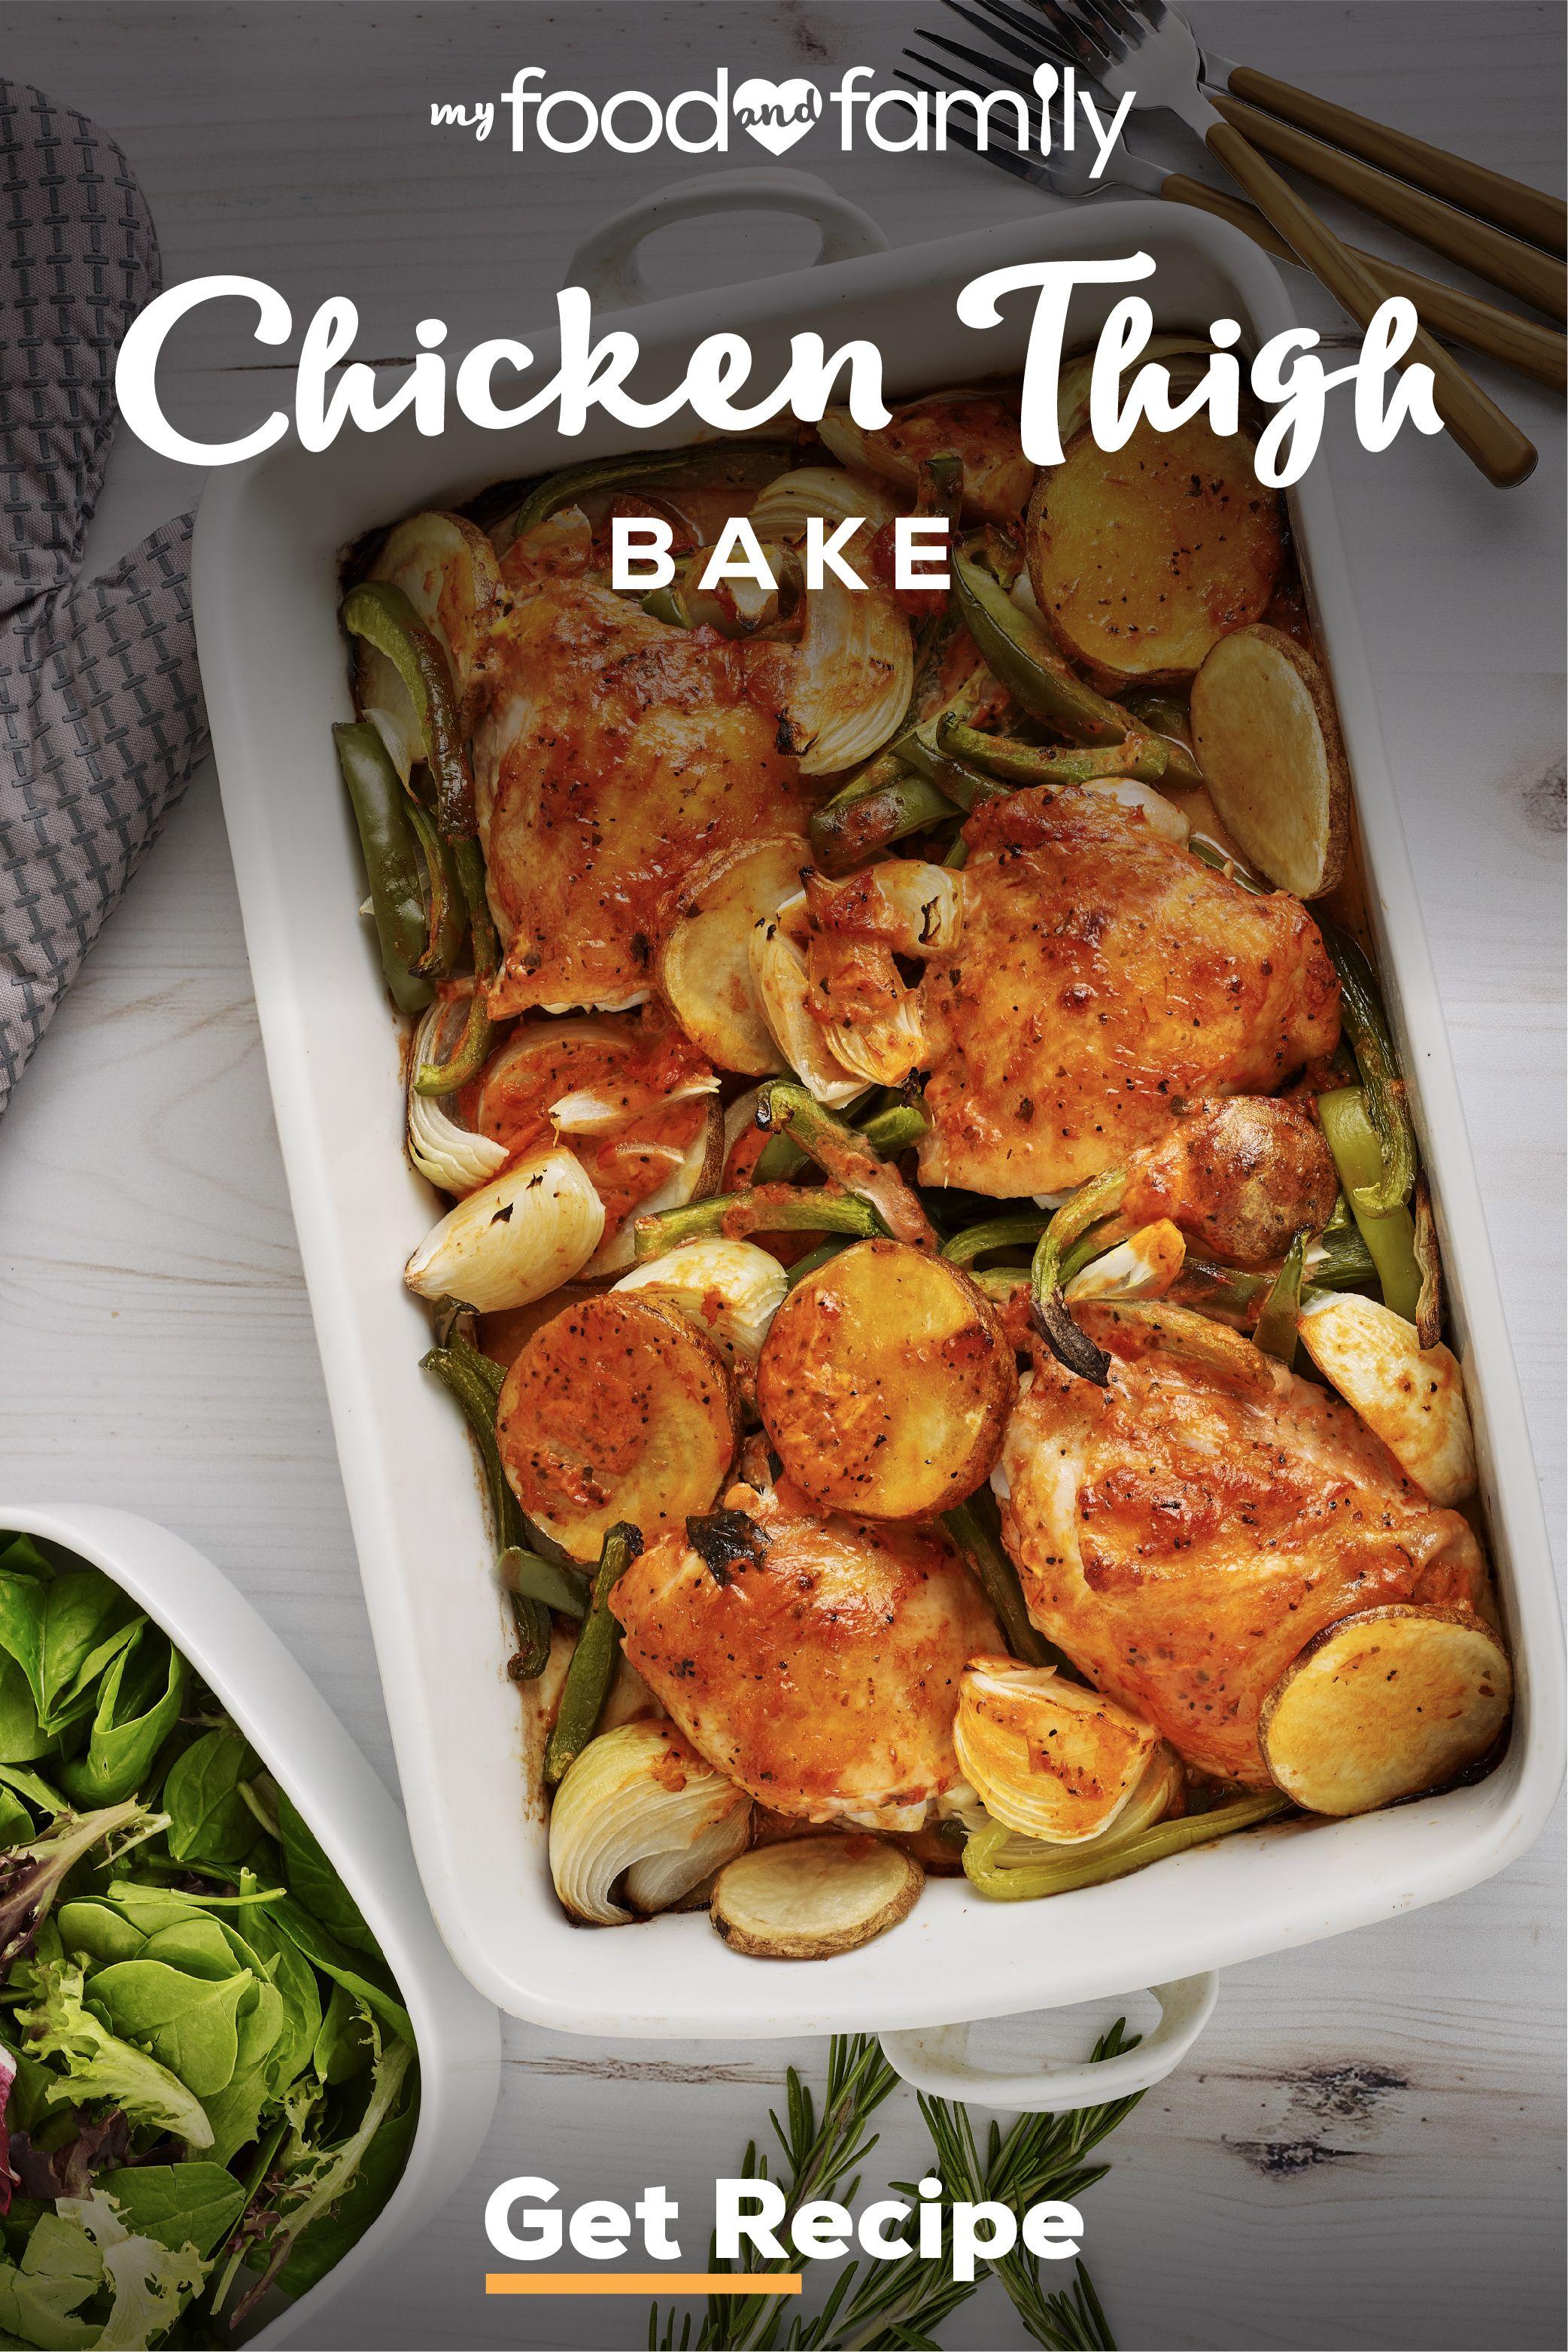 Chicken Thigh Bake Recipe Health Dinner Recipes Easy Casserole Recipes Easy Chicken Dinners